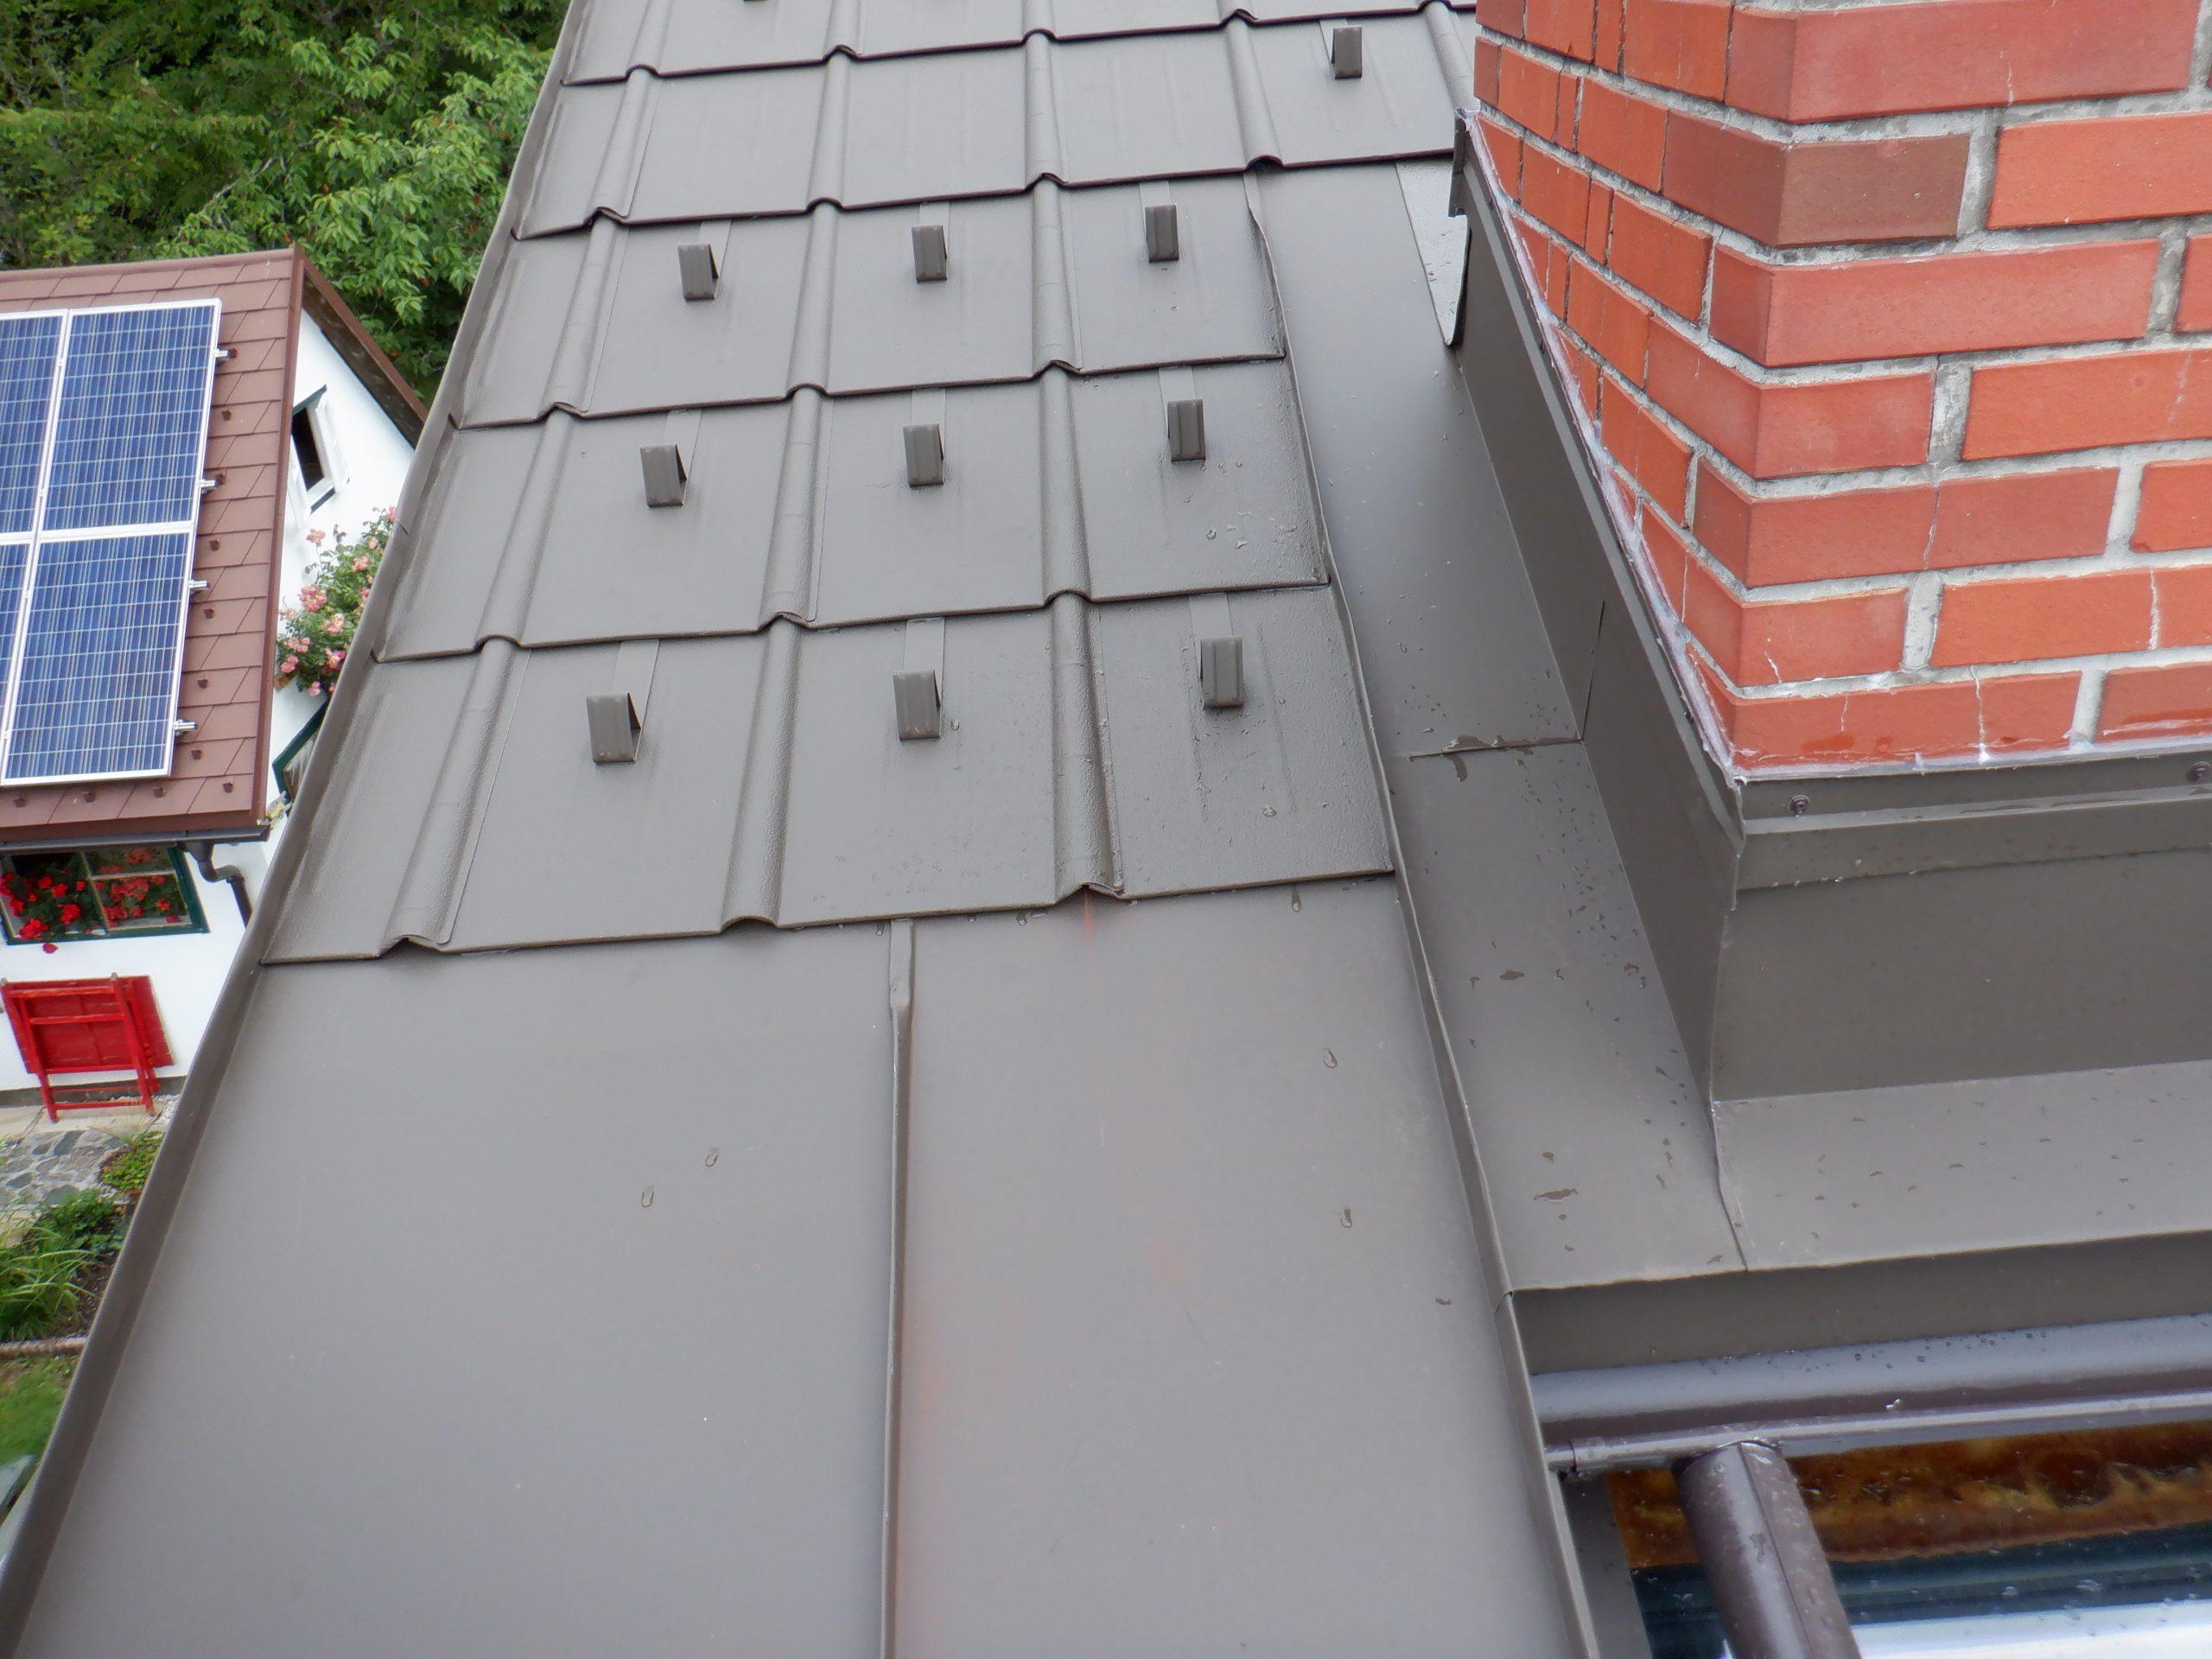 Prefa Dachplatten P10 Farbe Braun, Kamineinfassung.